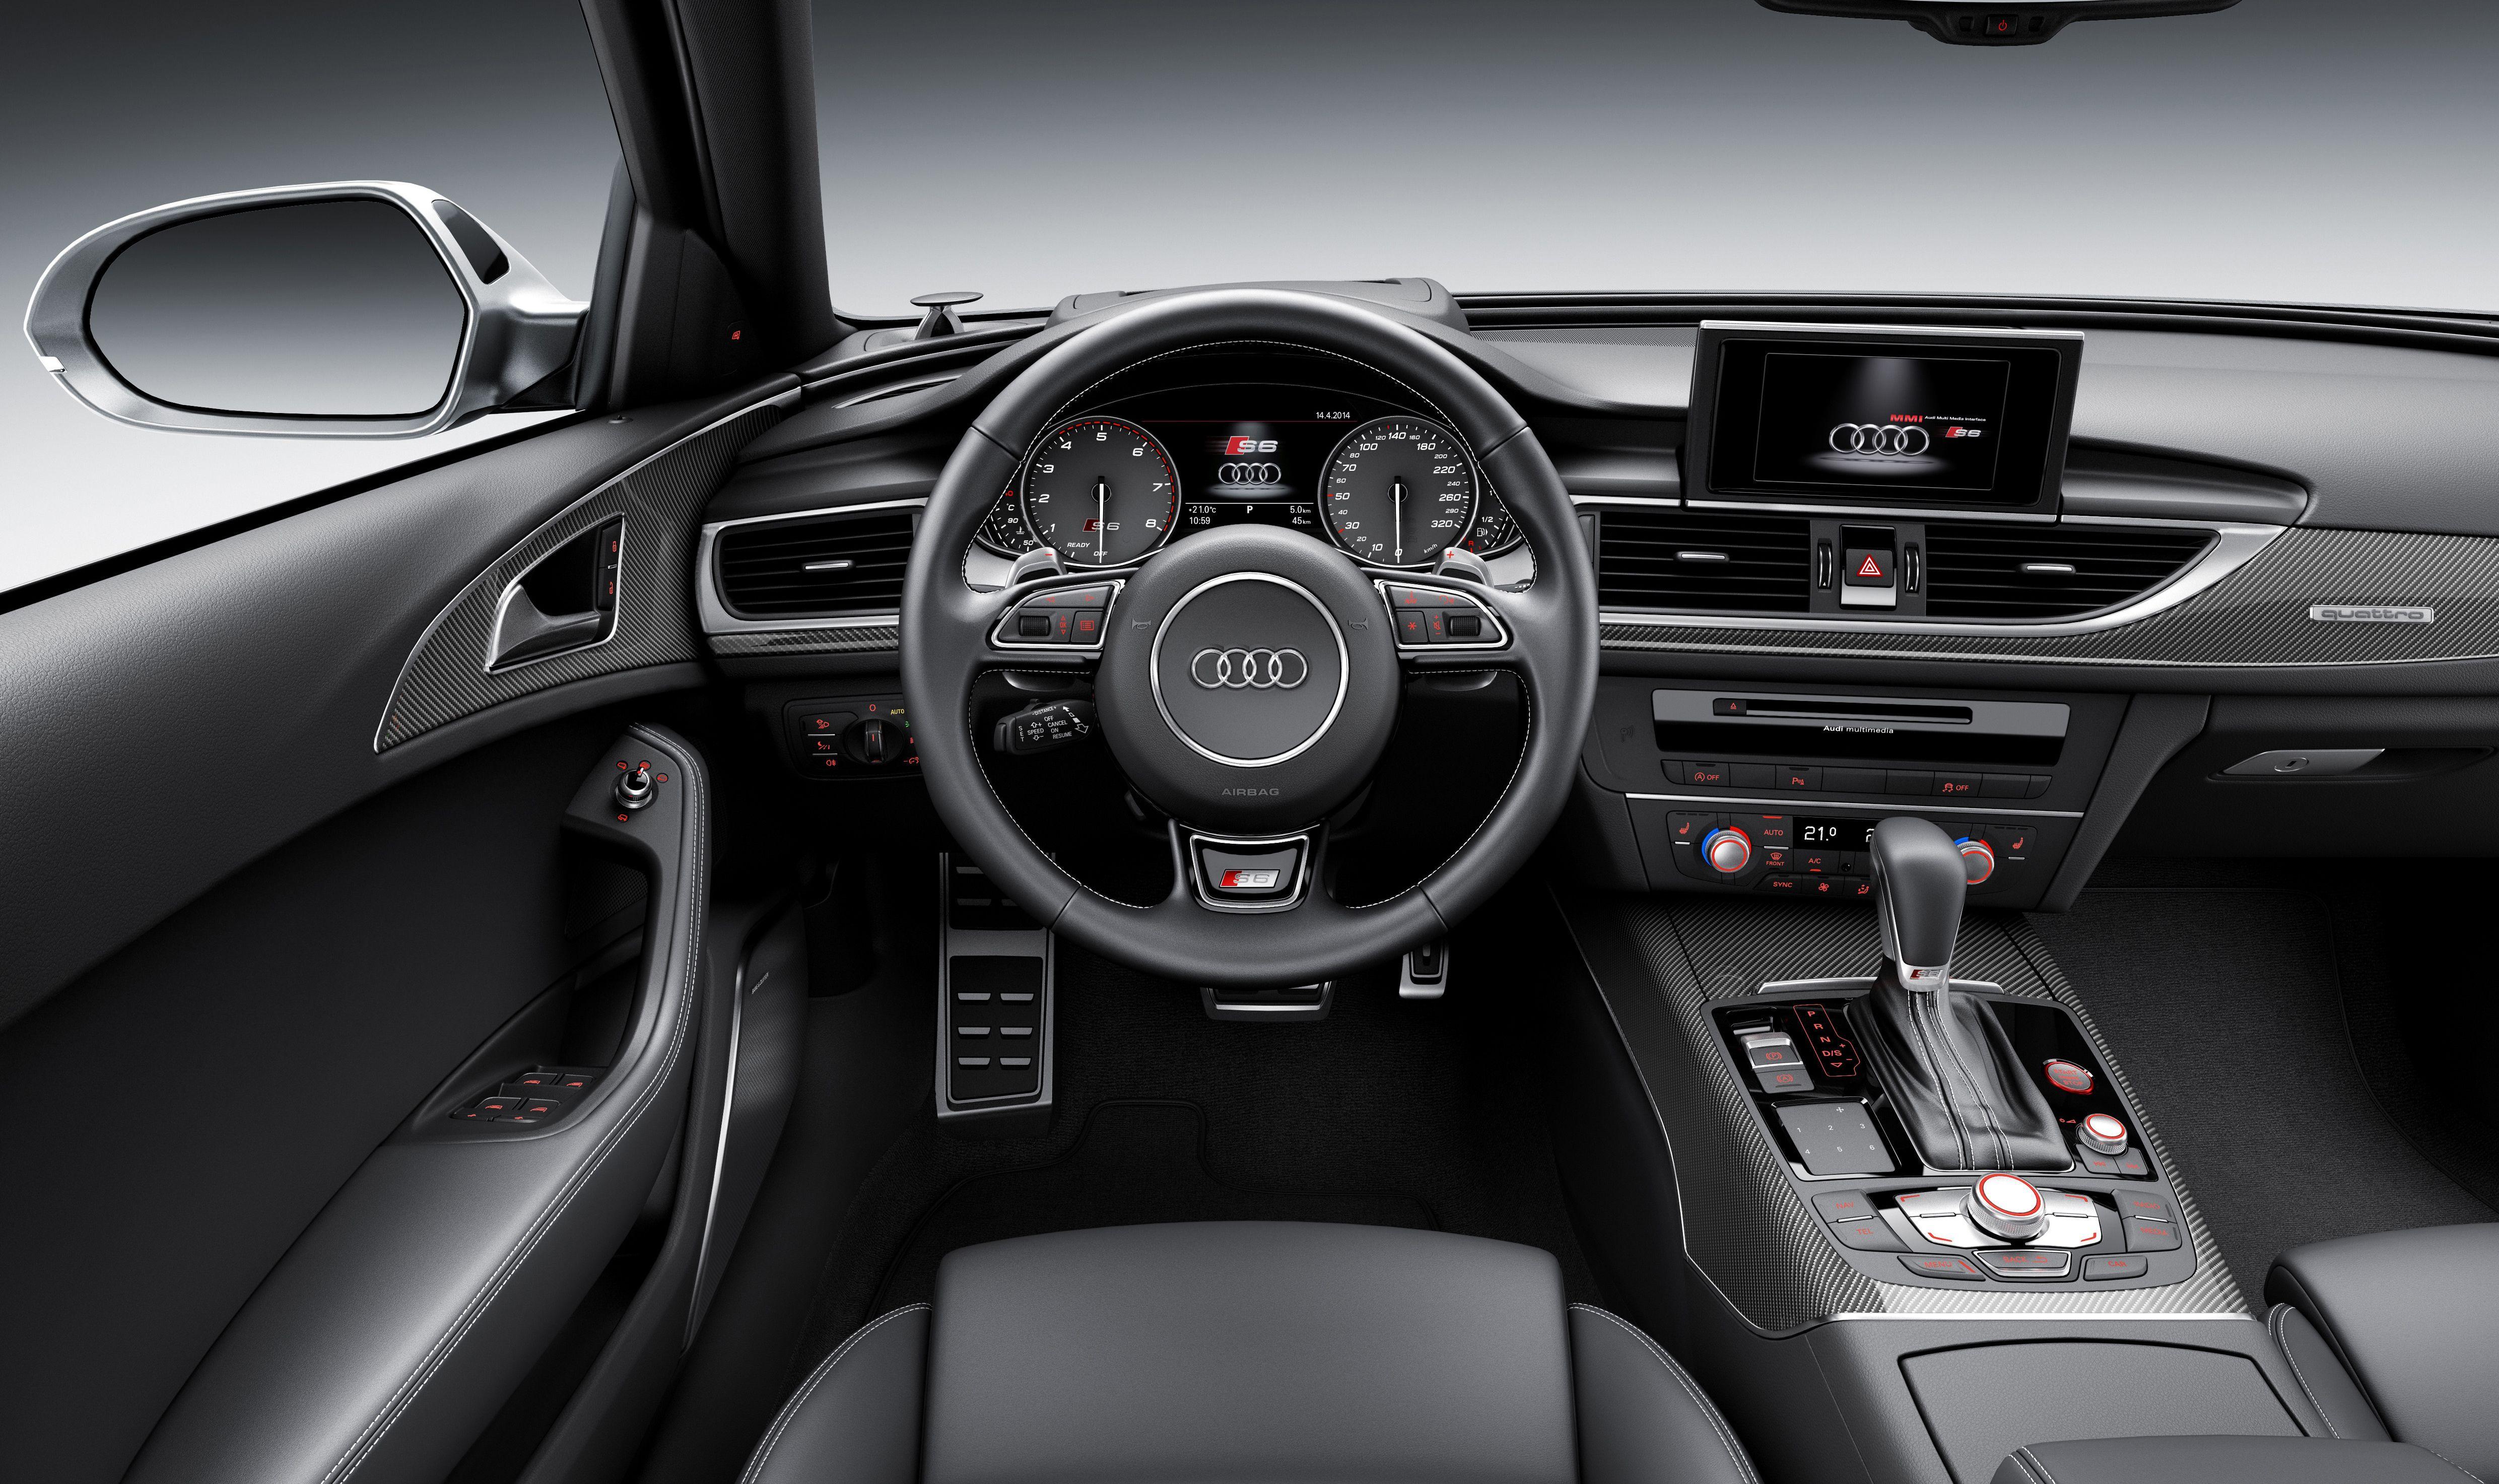 Audi S6 Avant Innenraum Lenkrad